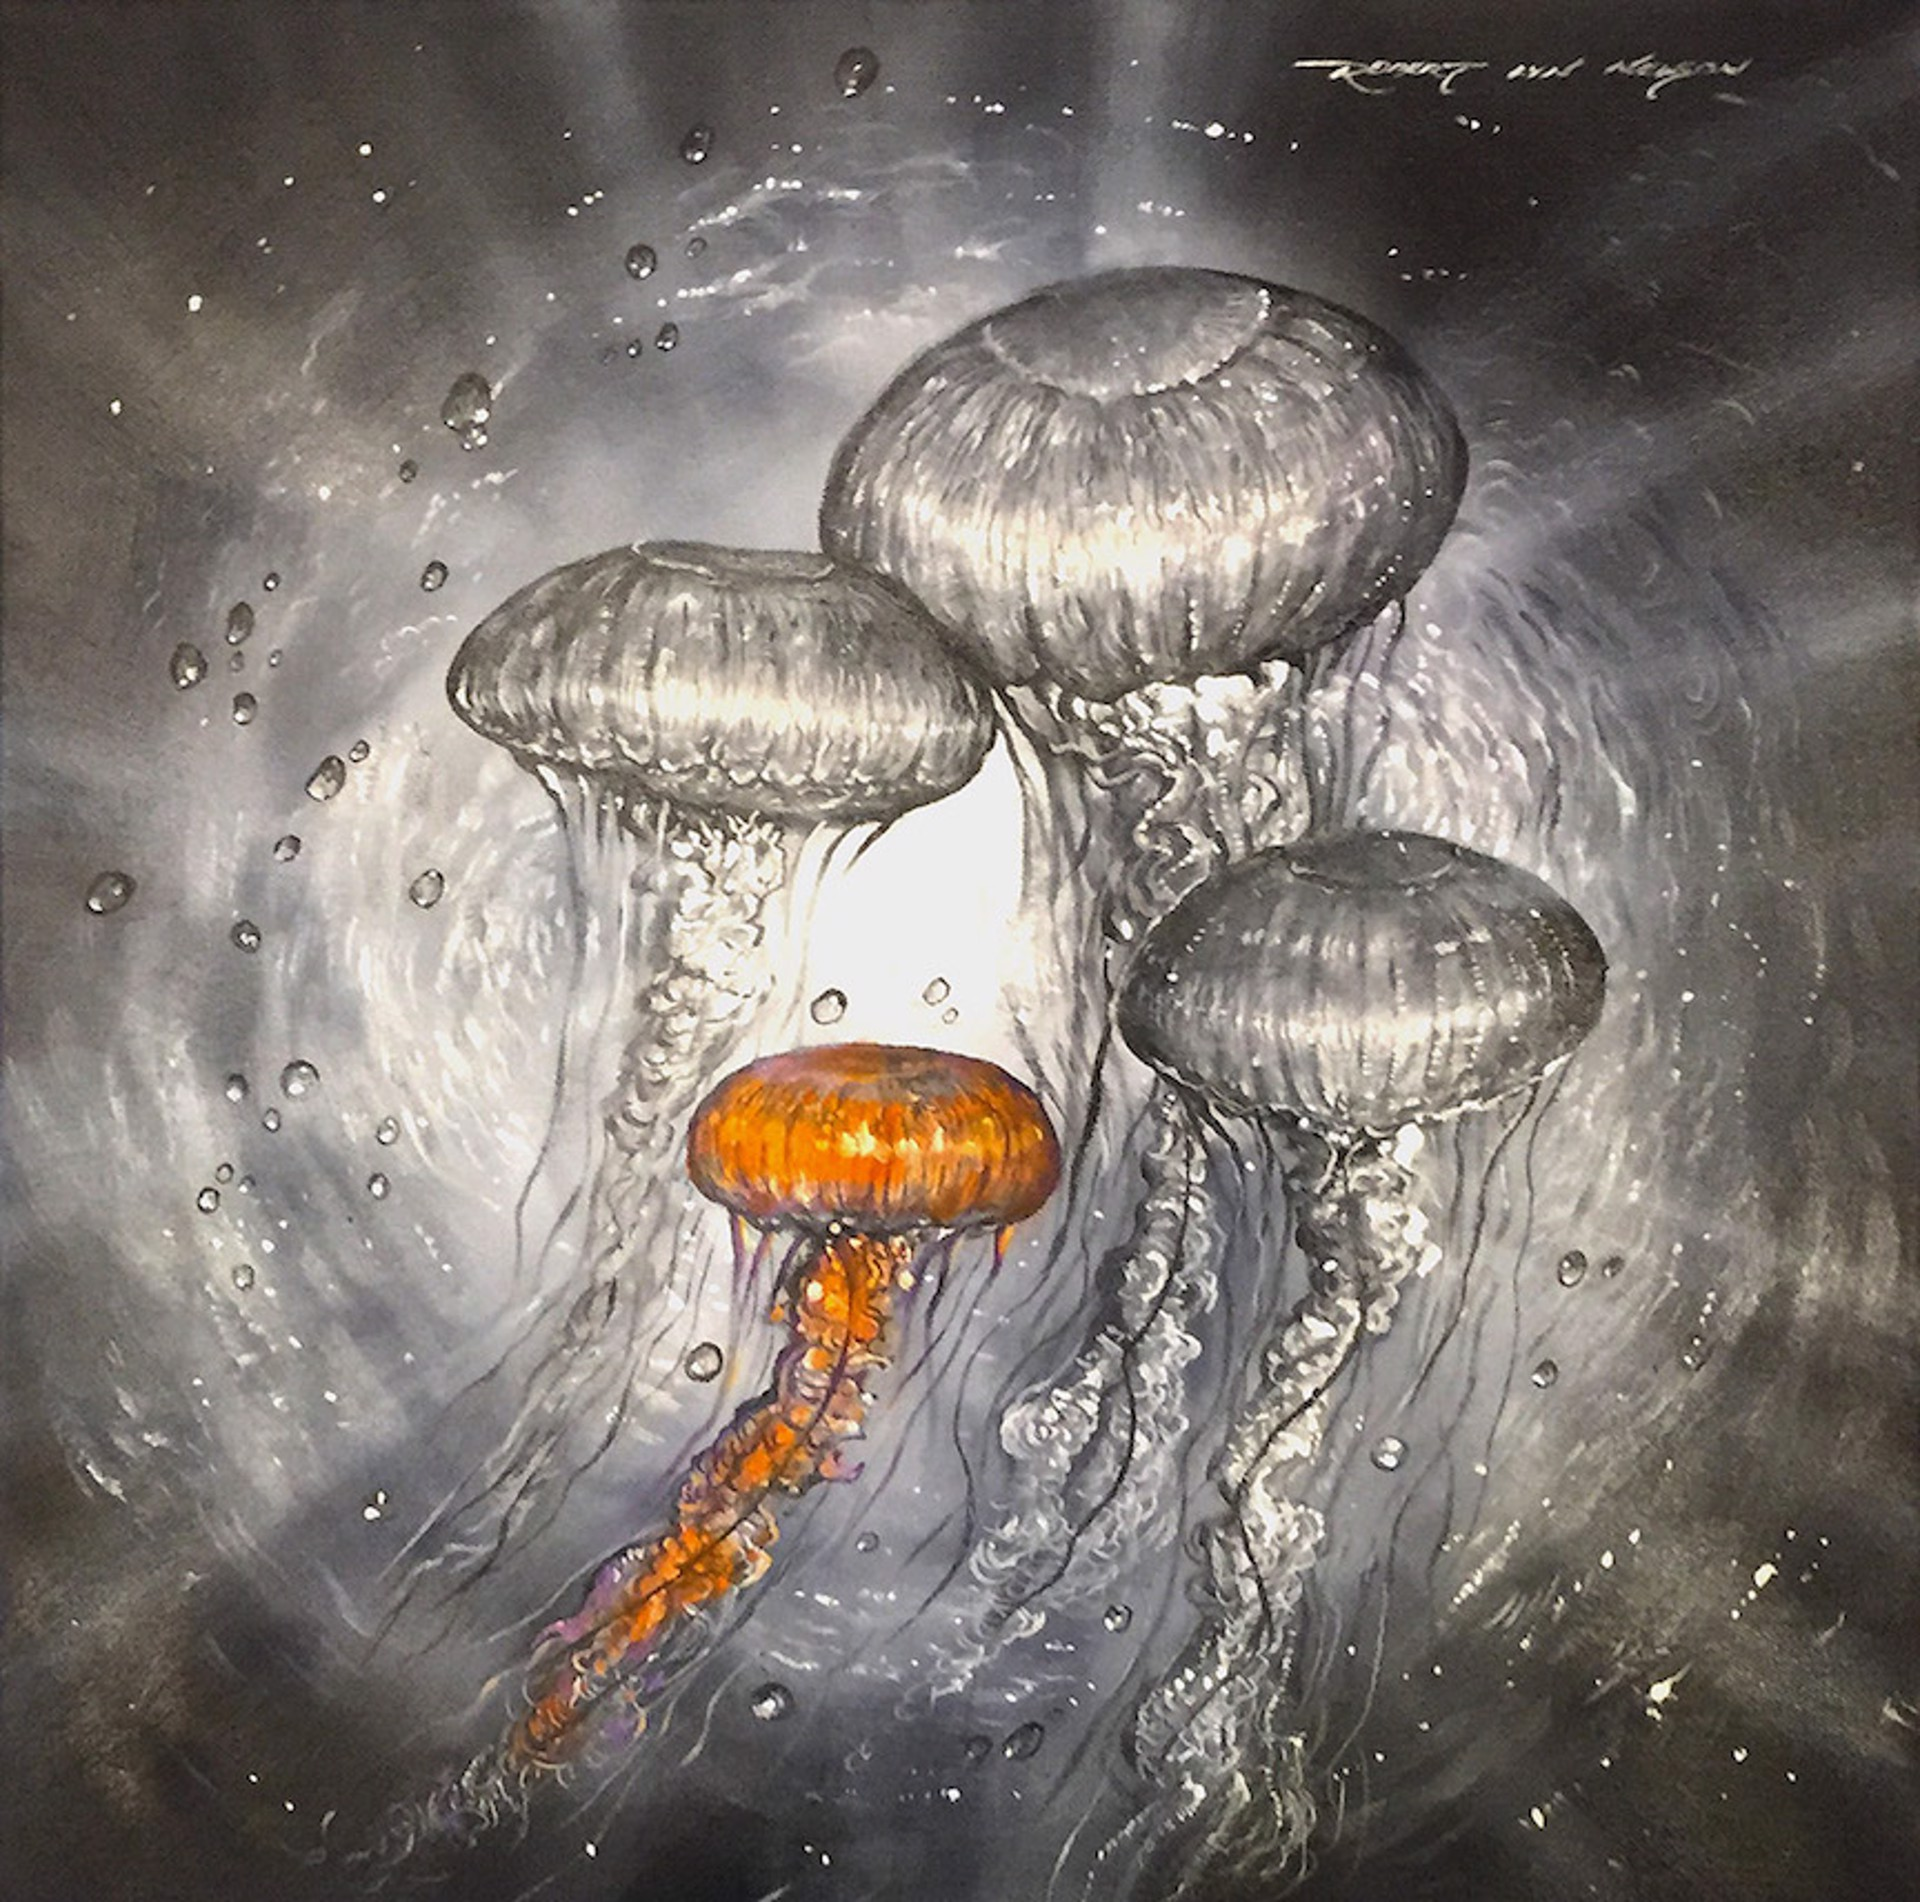 Orbit by Robert Lyn Nelson